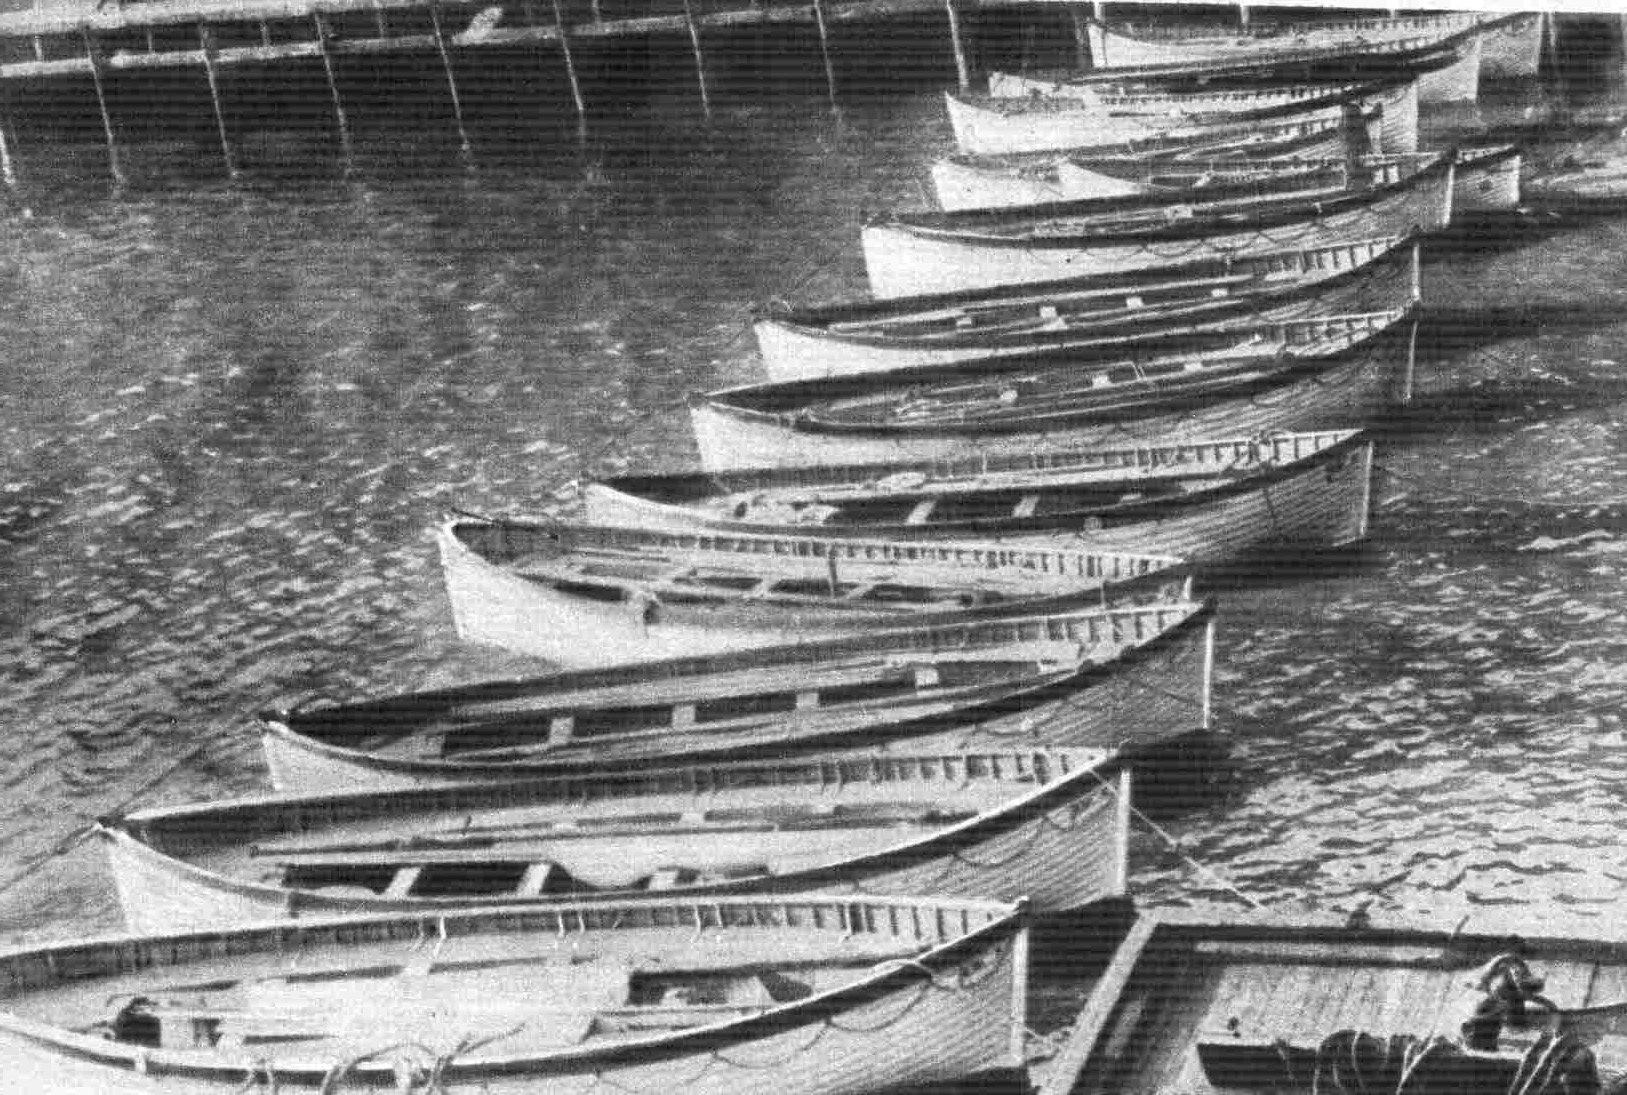 Les canots de sauvetage abandonnés à la dérive - Page 2 Titanic_life_boats_recovered